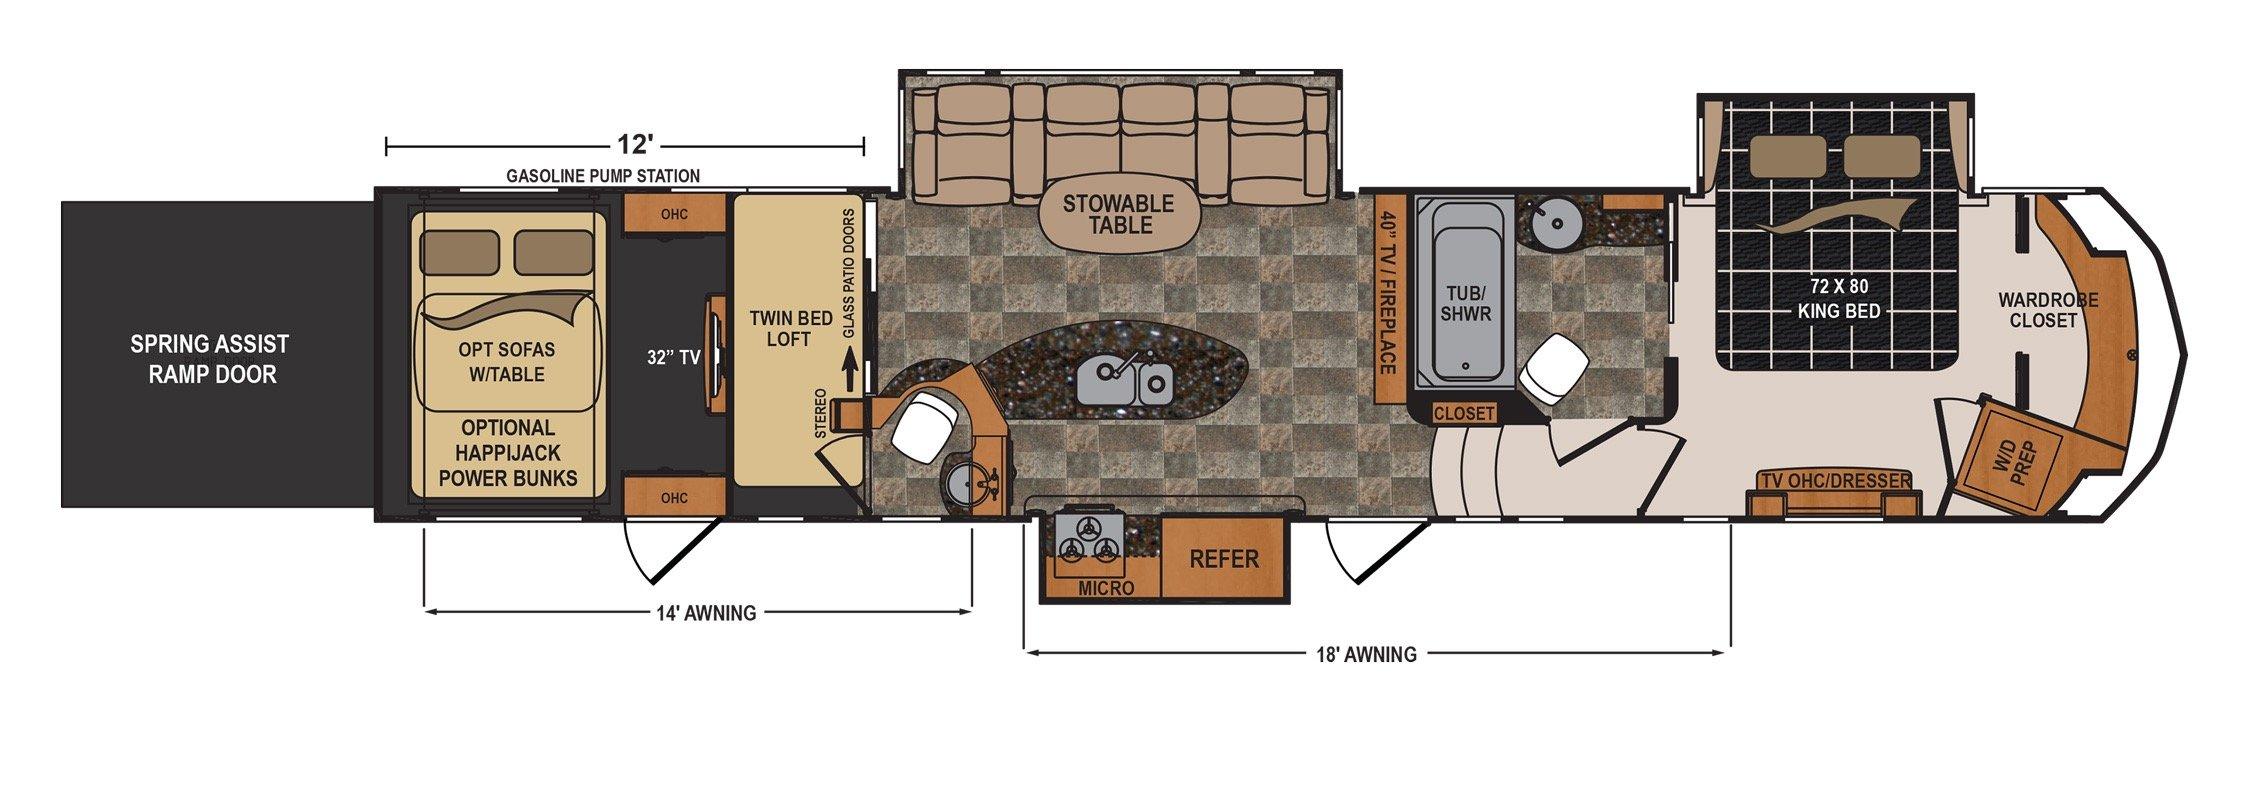 Garage : 2017-DUTCHMEN-3995